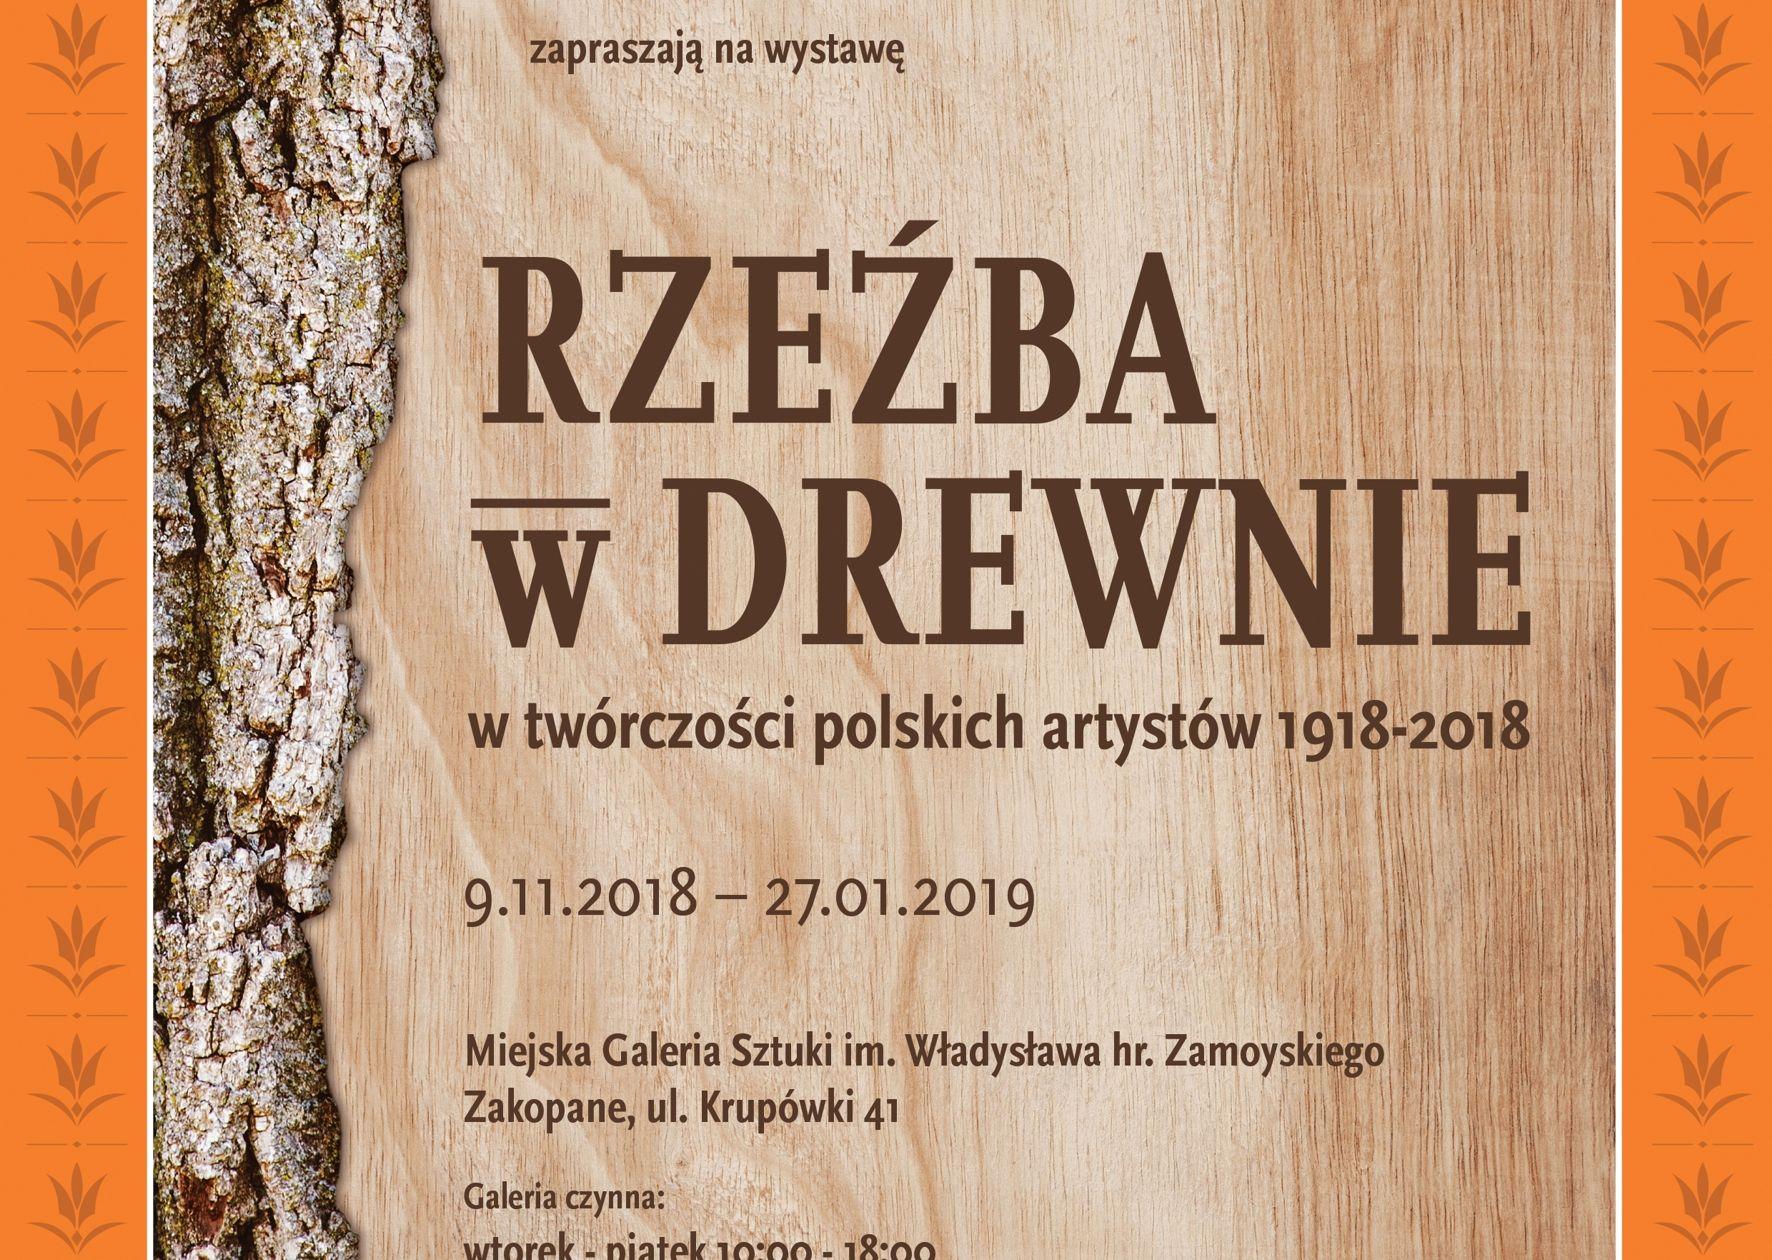 Rzeźba W Drewnie W Twórczości Polskich Artystów 1918 2018